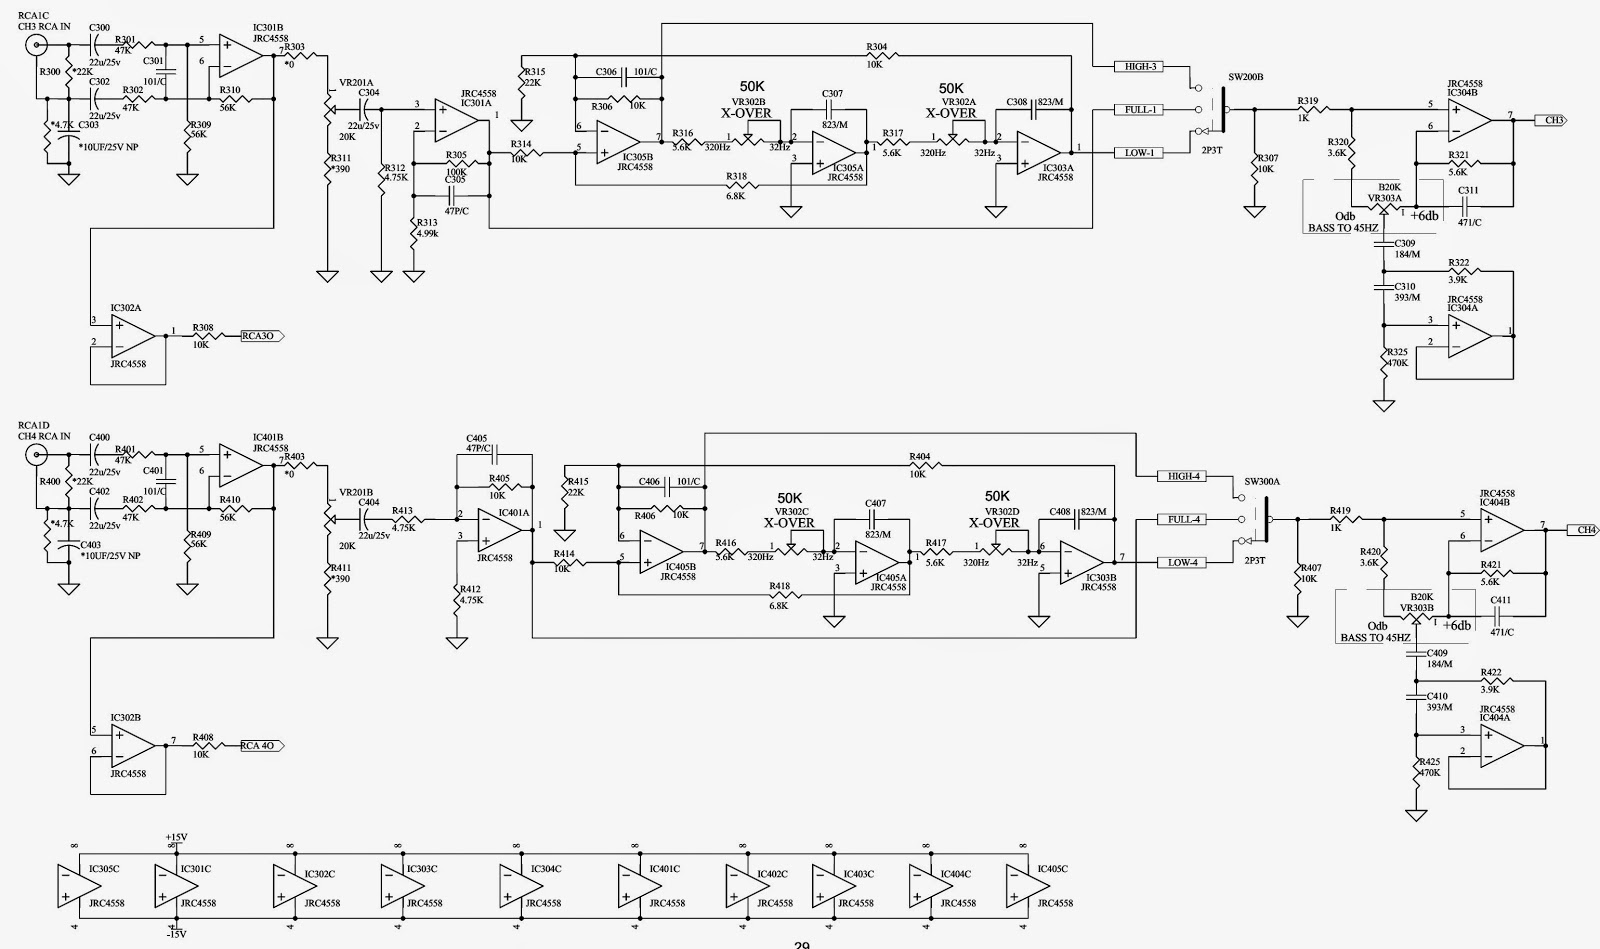 jbl marine stereo wiring diagram understanding electrical drawingsjbl marine stereo wiring diagram wiring diagramjbl marine stereo wiring diagram